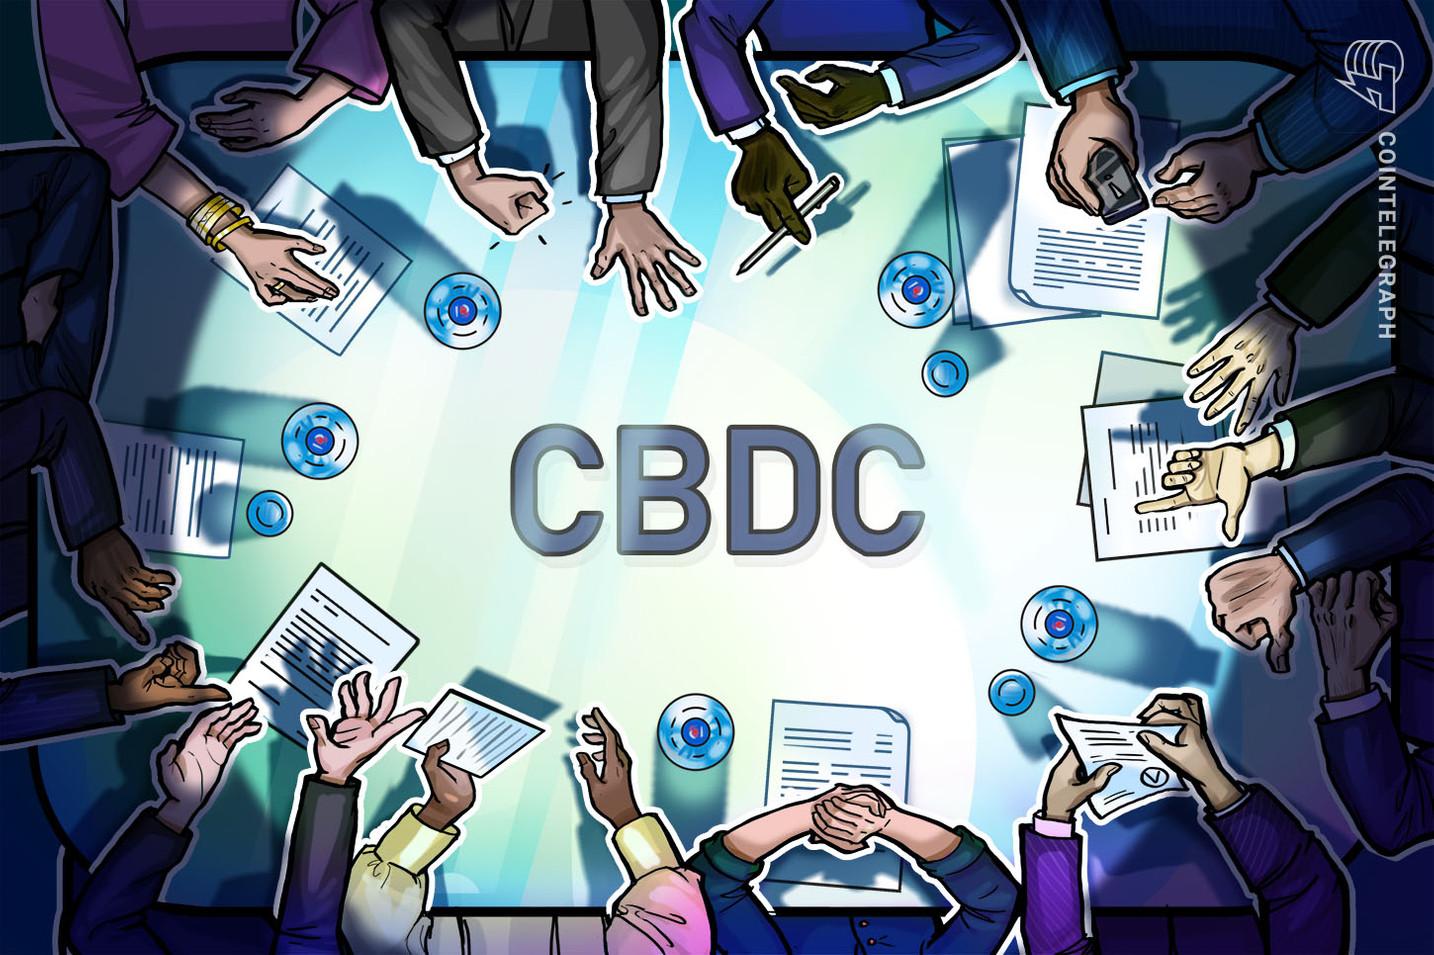 ¿Bitcoin, Ethereum o XRP? Sólo una red podría alojar una CBDC, dice un informe